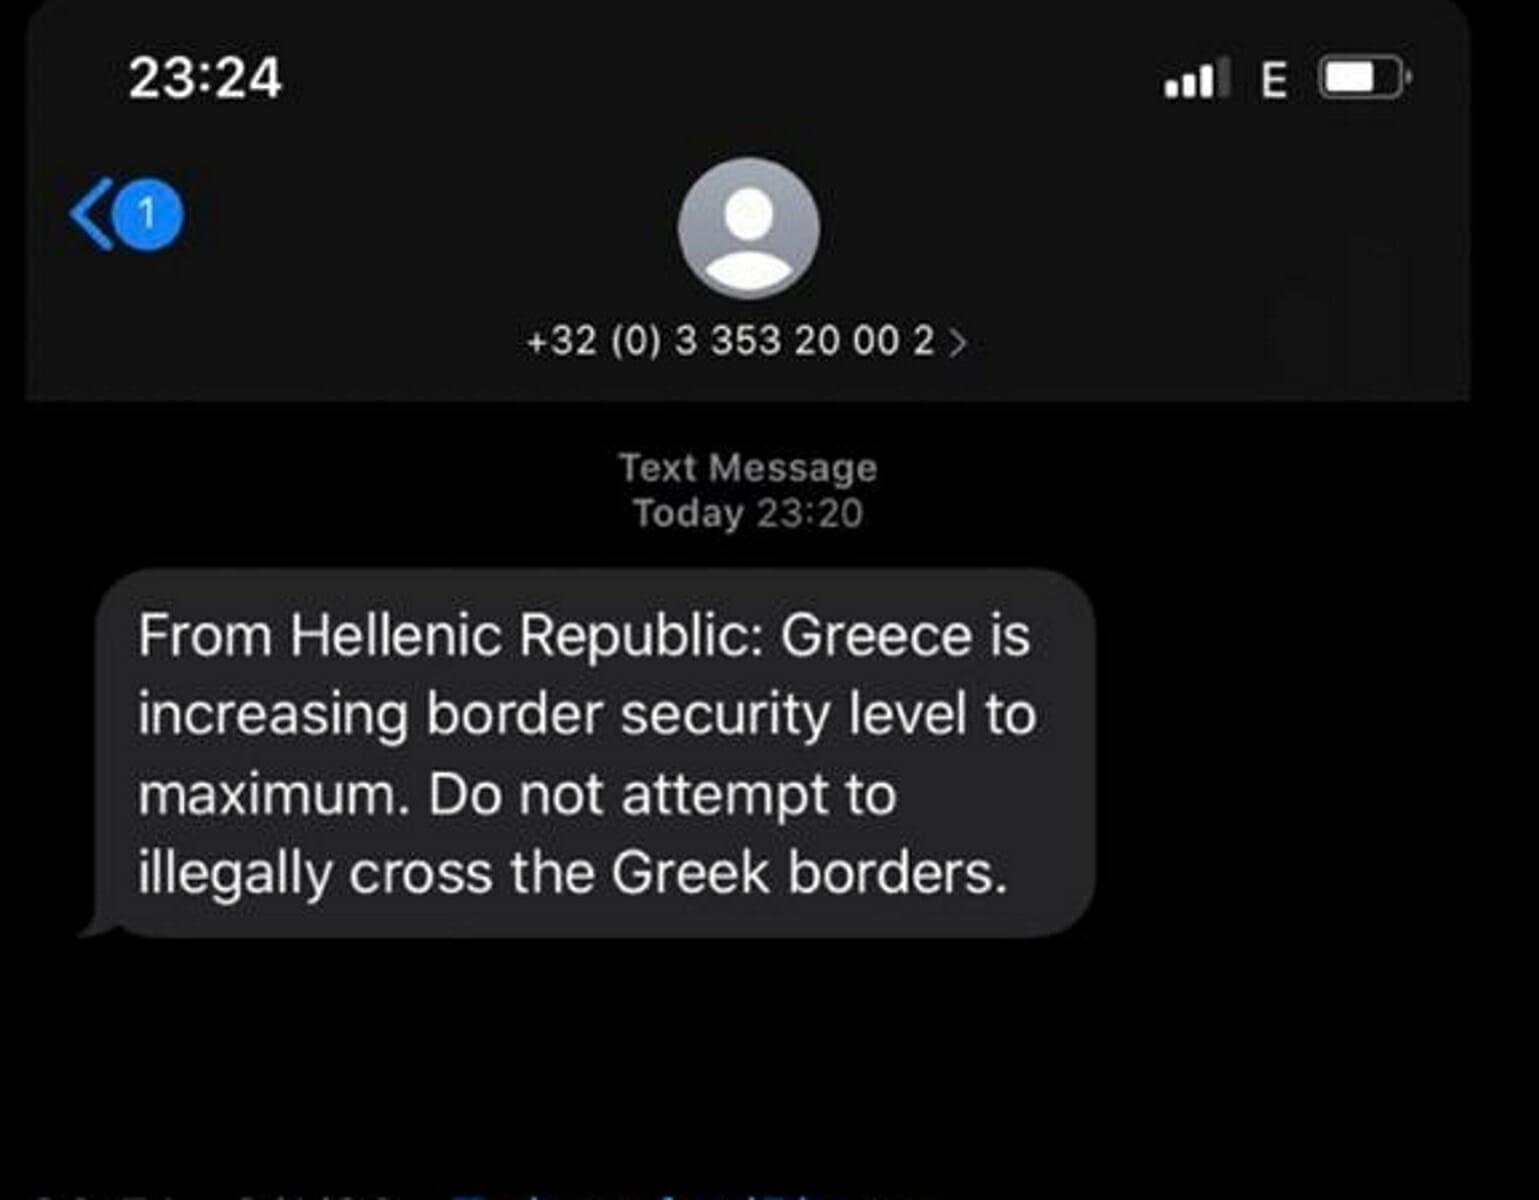 Αυτά είναι τα sms που στέλνουν οι ελληνικές αρχές στους πρόσφυγες